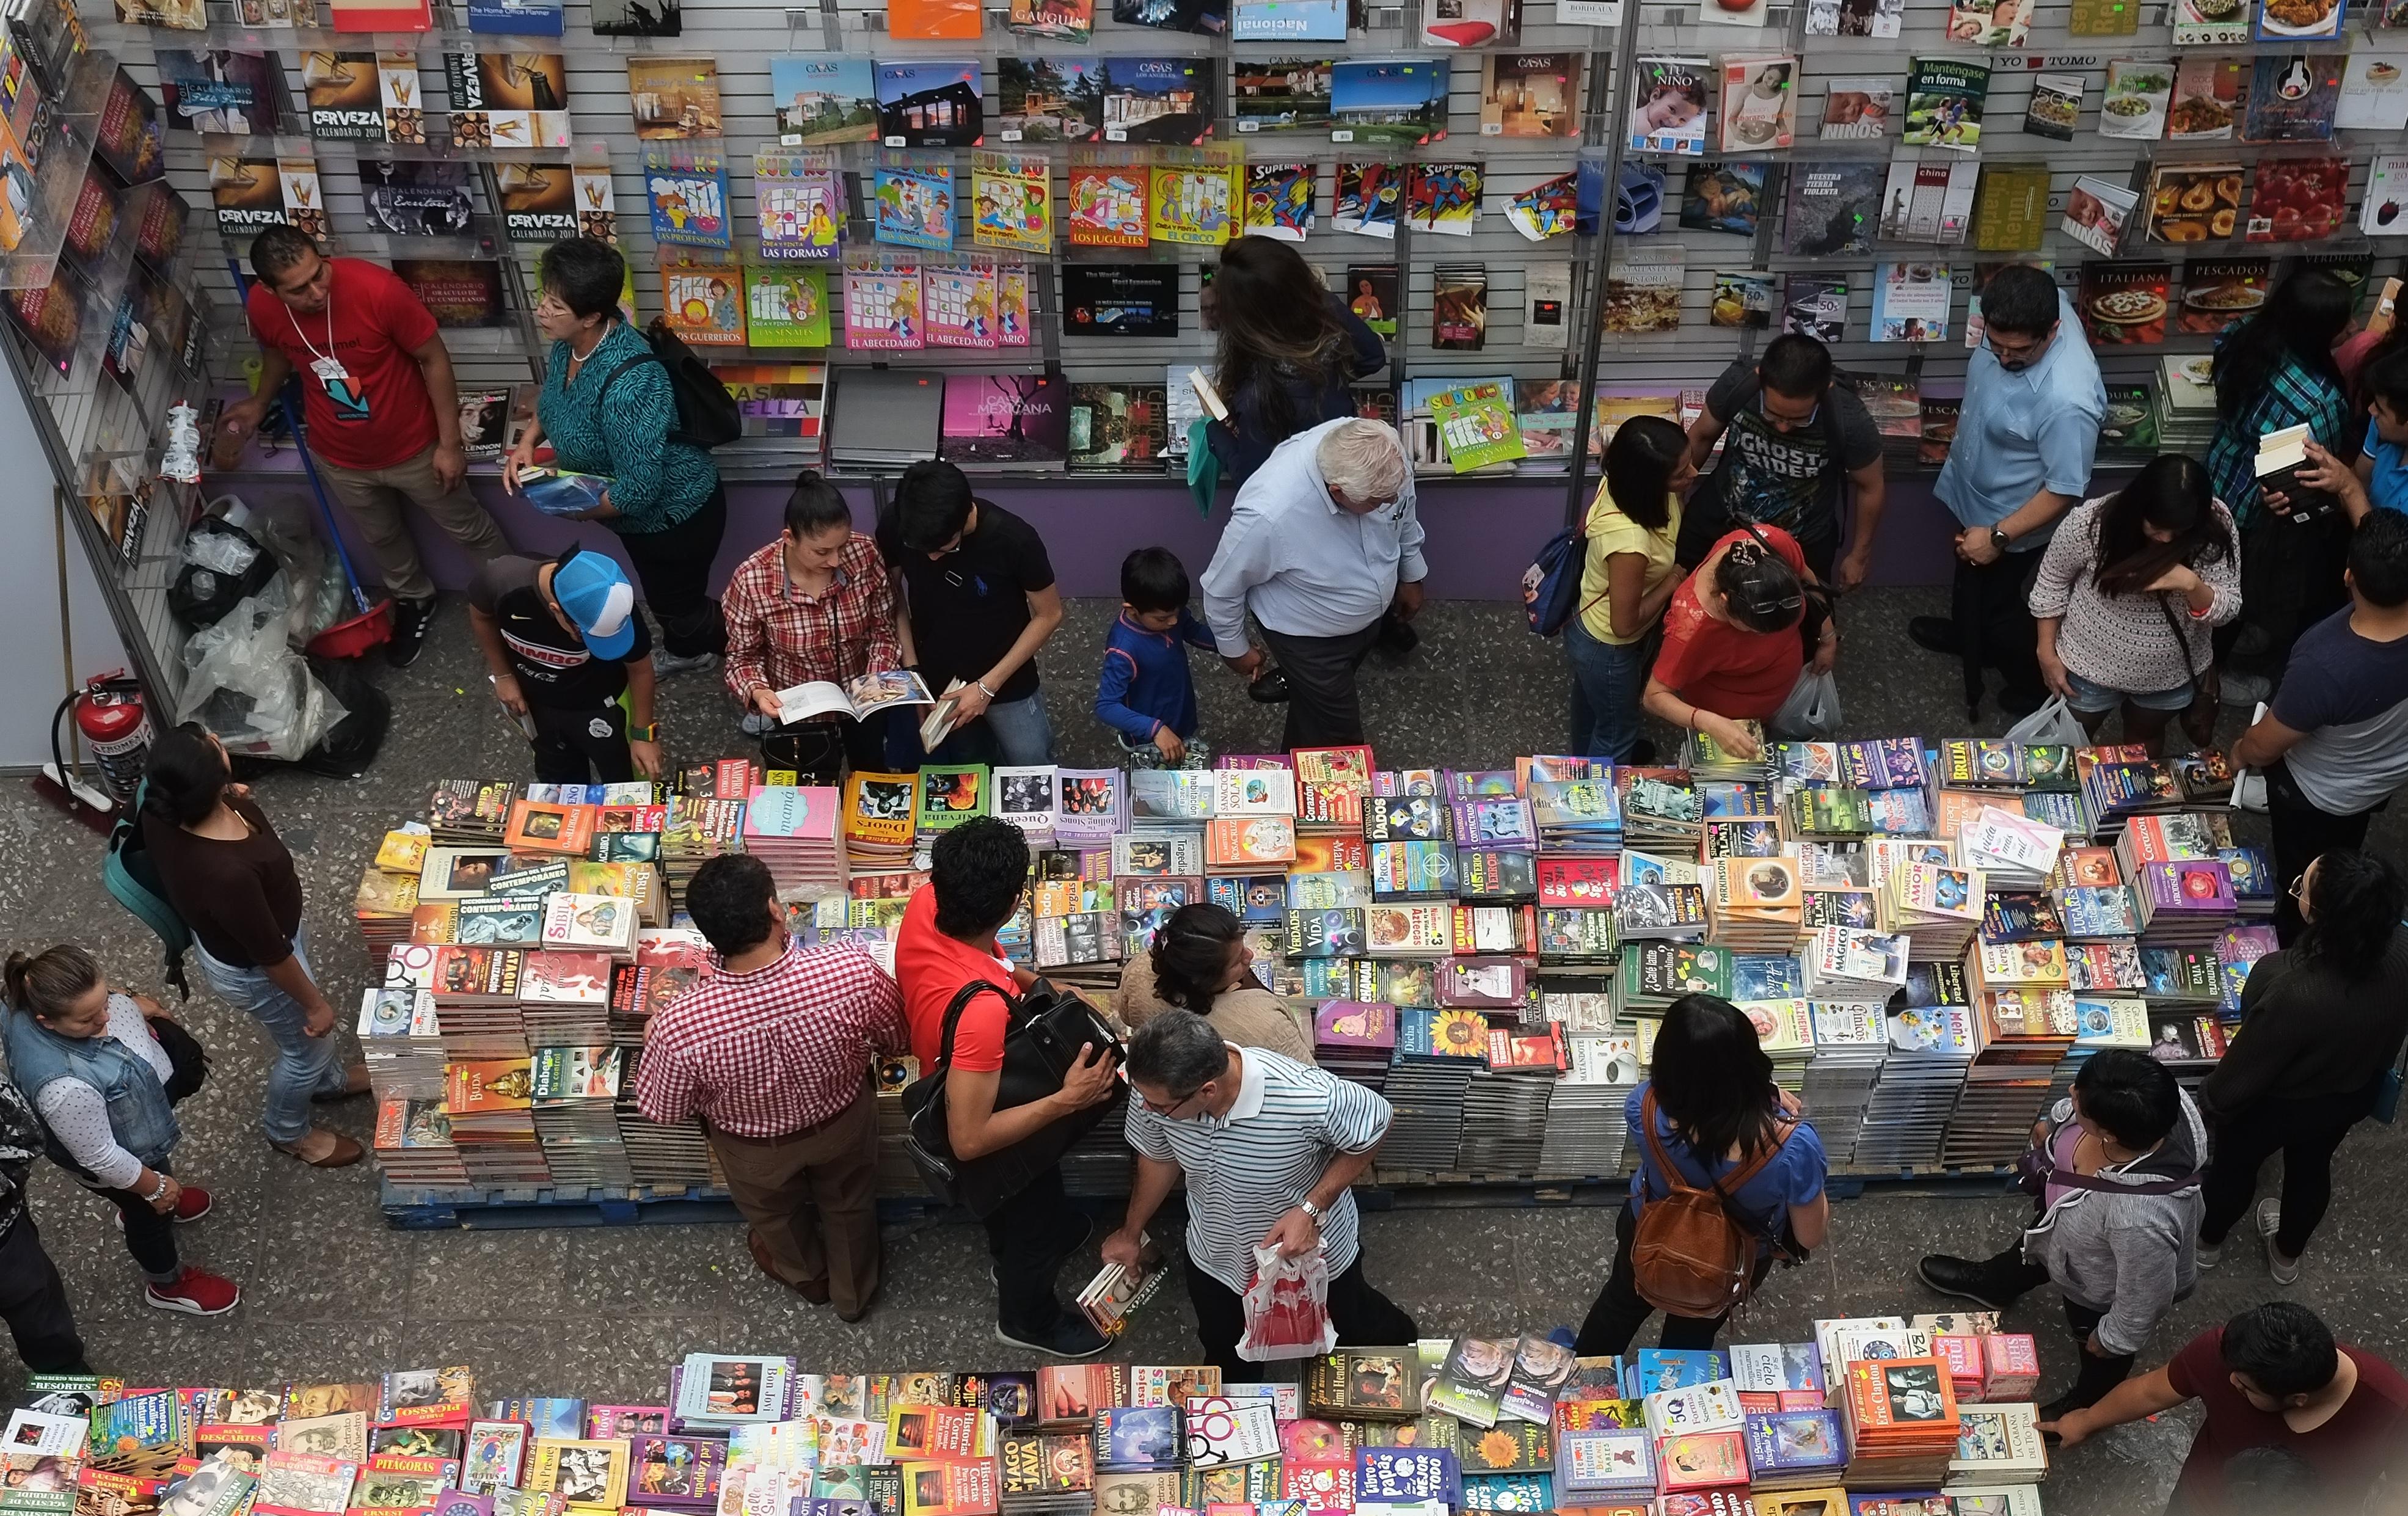 CIUDAD DE MÉXICO, 31MARZO2018.- La edición 12 del gran remate de libros se lleva a cabo a partir del 27 de marzo al 03 de Abril. en el Auditorio Nacional, con la partición de diversas editoriales con el fin de fomentar el habito a la lectura en la ciudad.